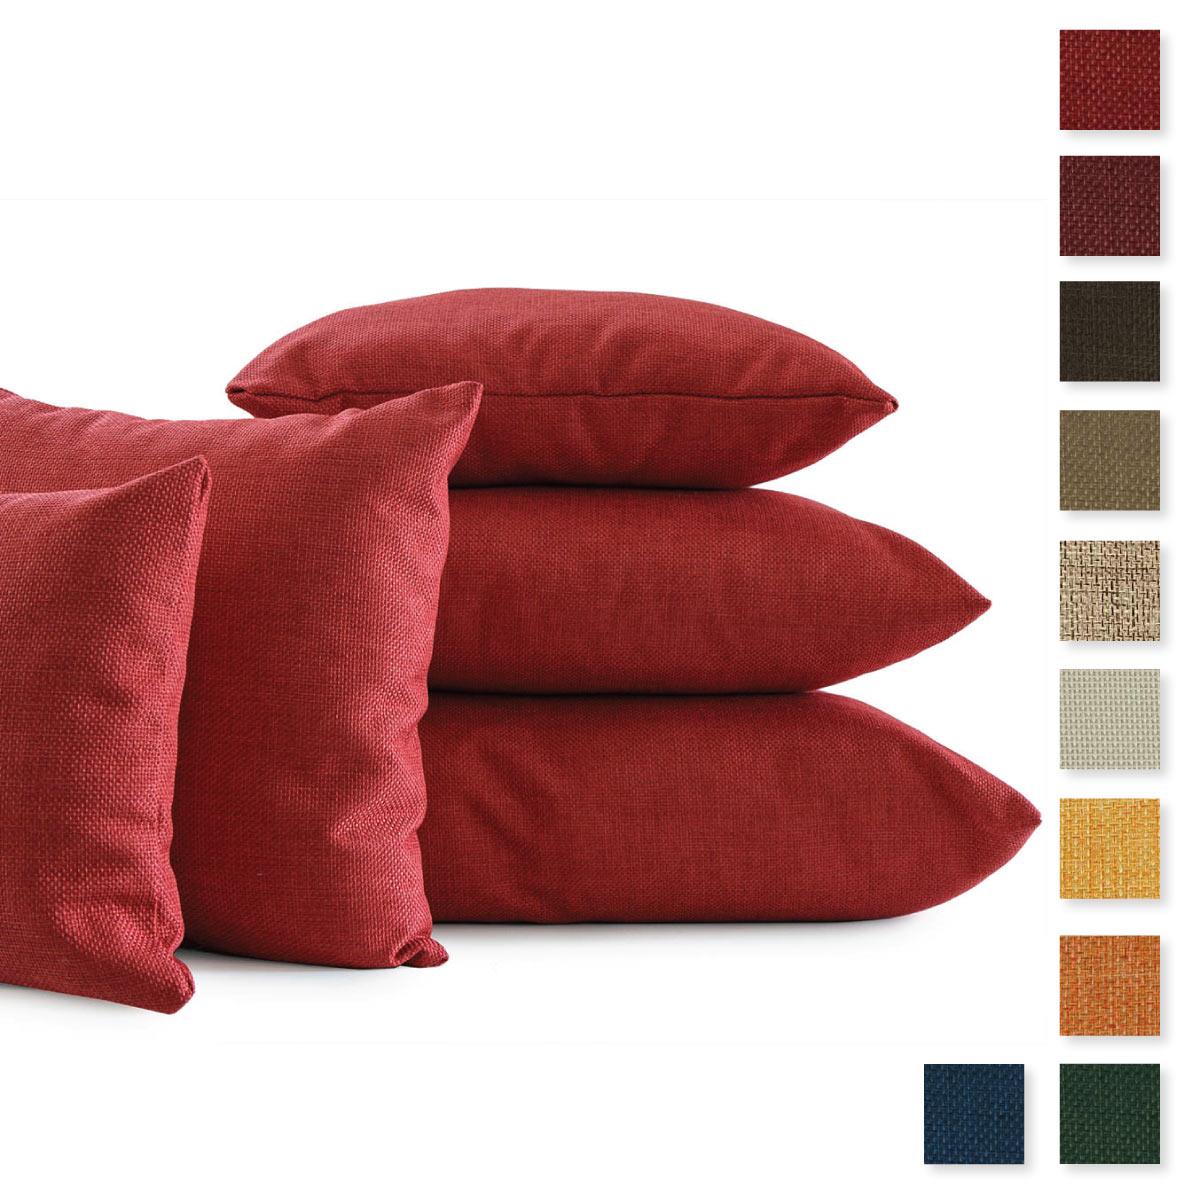 Misure cuscino awesome rio cuscino bracciolo scelta colore in tessuto e bianco o nero in - Foderare cuscino divano ...